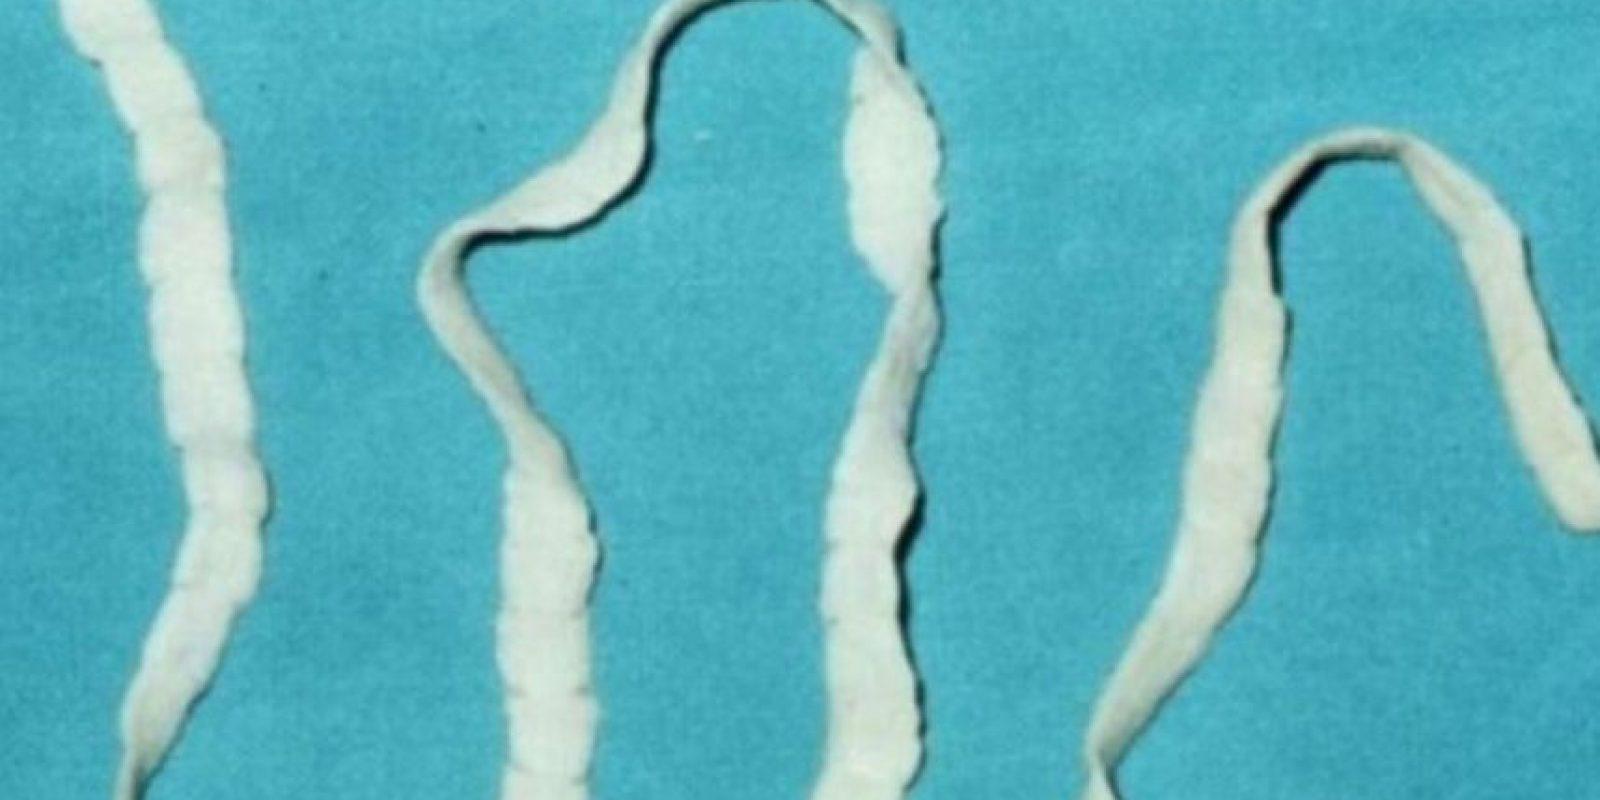 Las tenias pueden vivir en la cabeza y estómago Foto:Getty Images